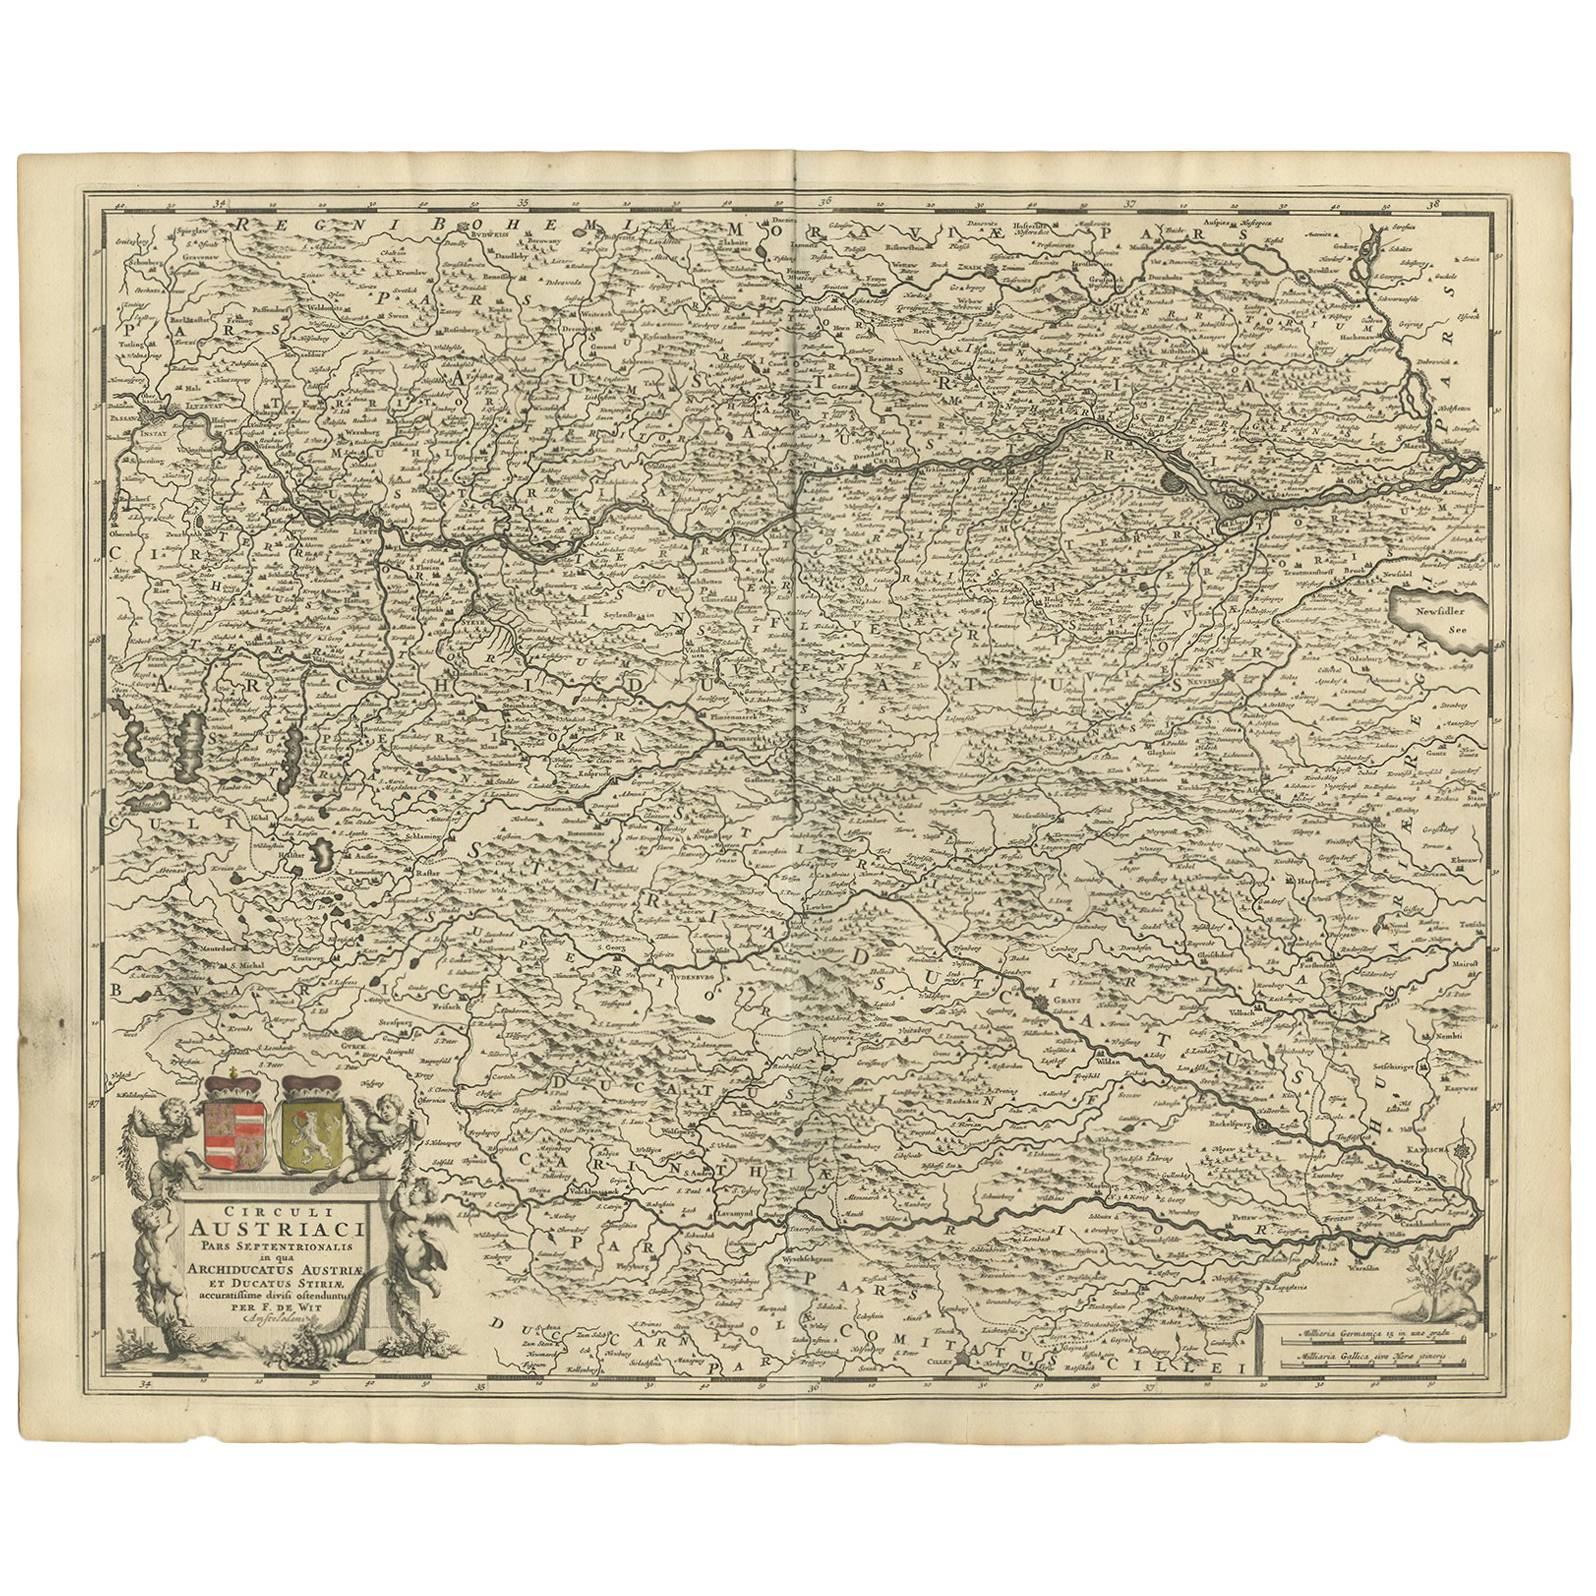 Antique Map of Austria by F. de Wit, 1690